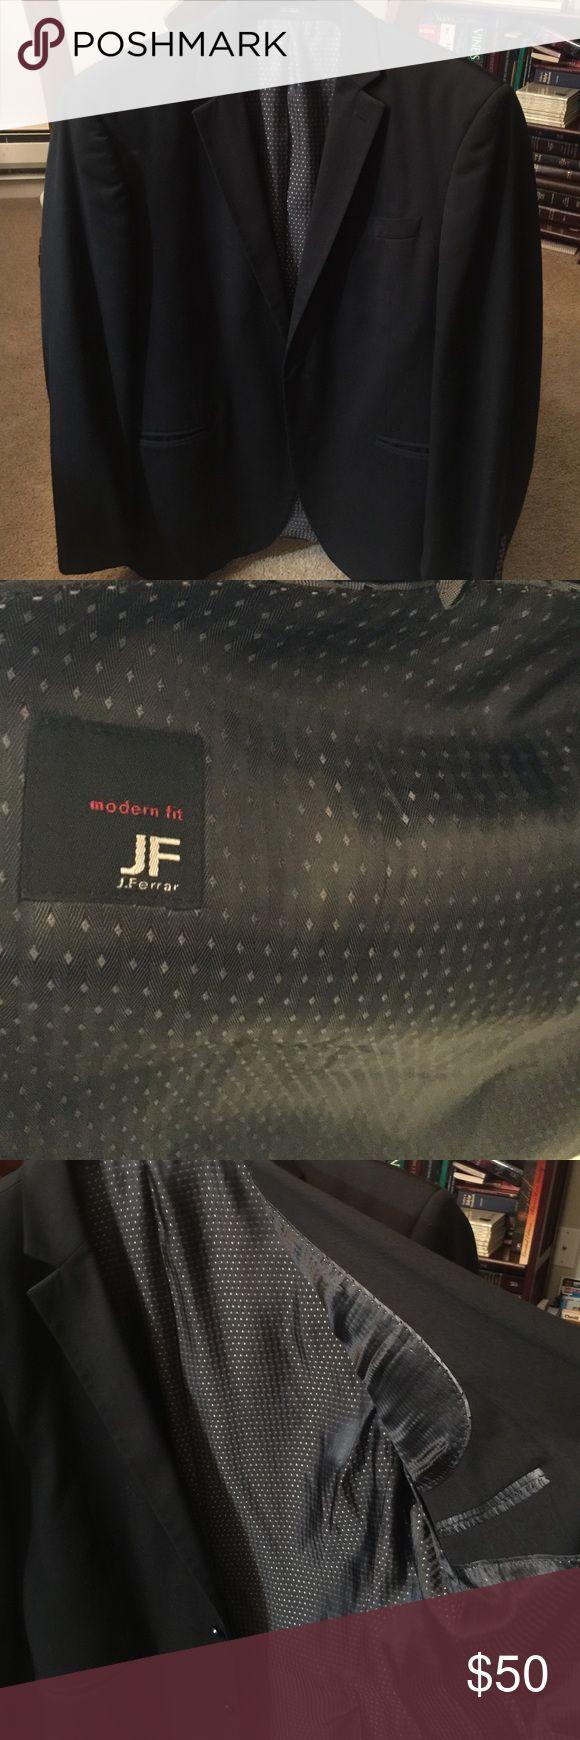 Pict j ferrar modern fit 1 - Men S Black Sport Coat Men S Black Sport Coat J Ferrar Chest Size 42s